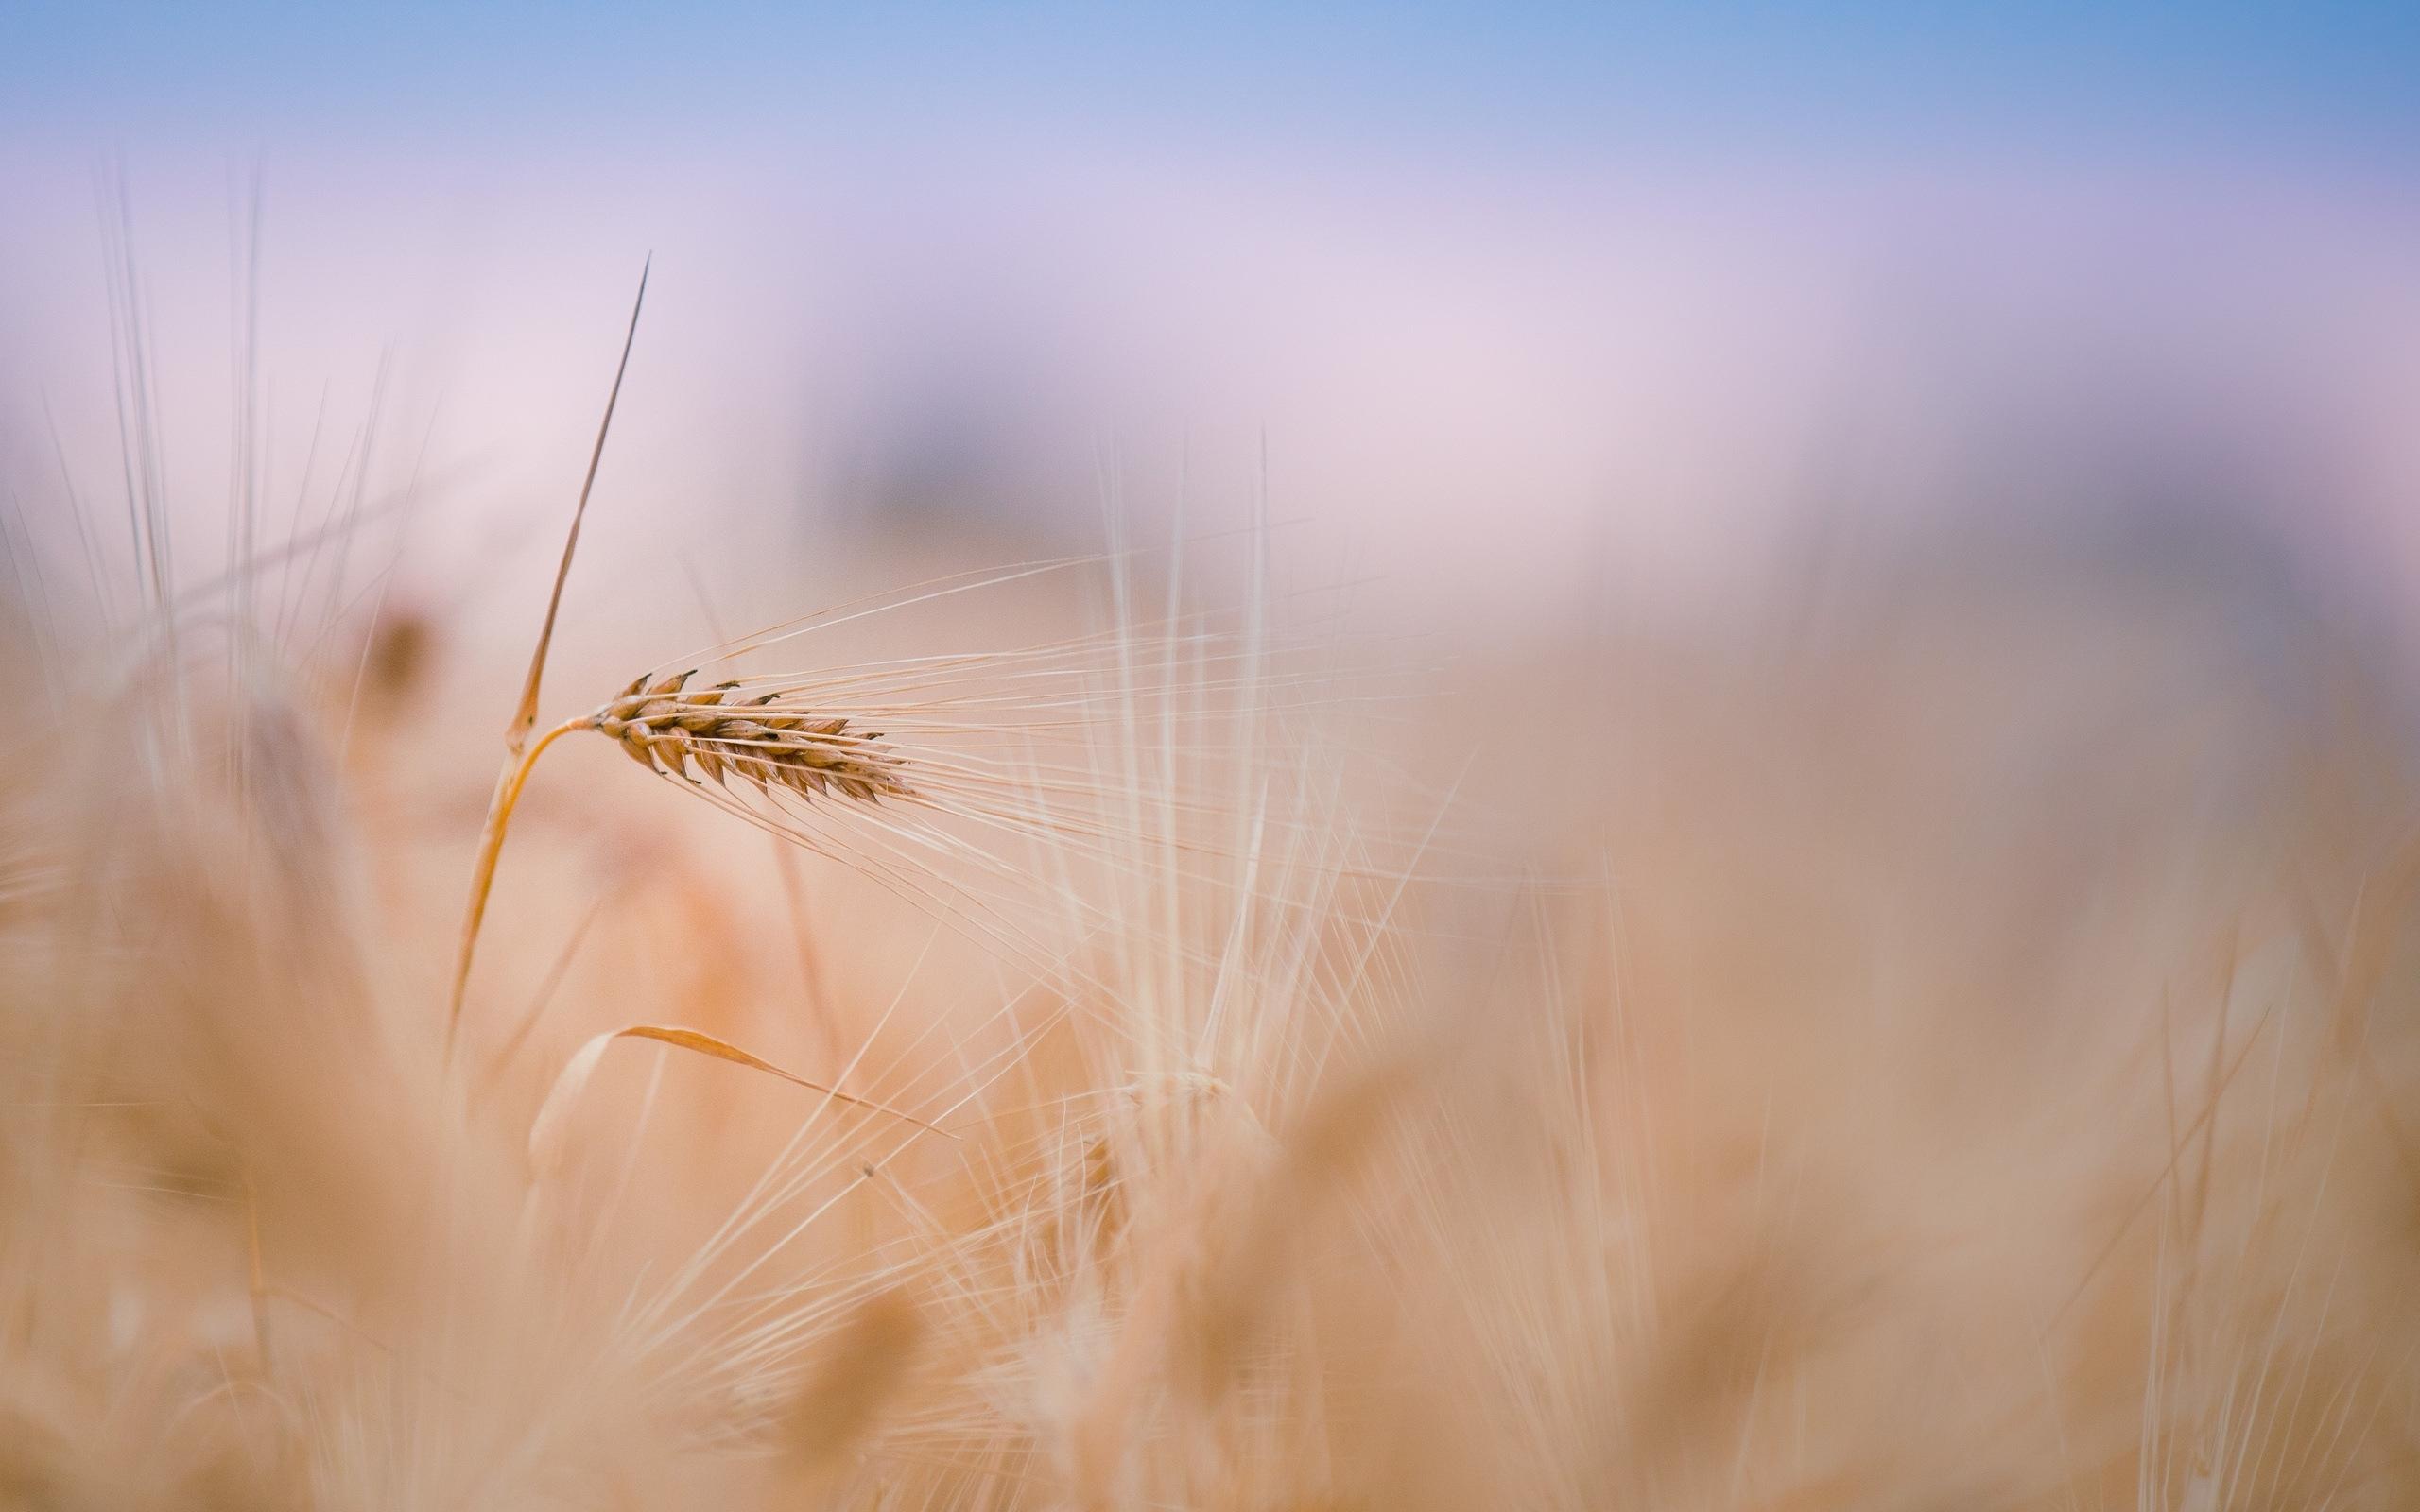 Скачать картинку Пшеница, Фон, Растения в телефон бесплатно.